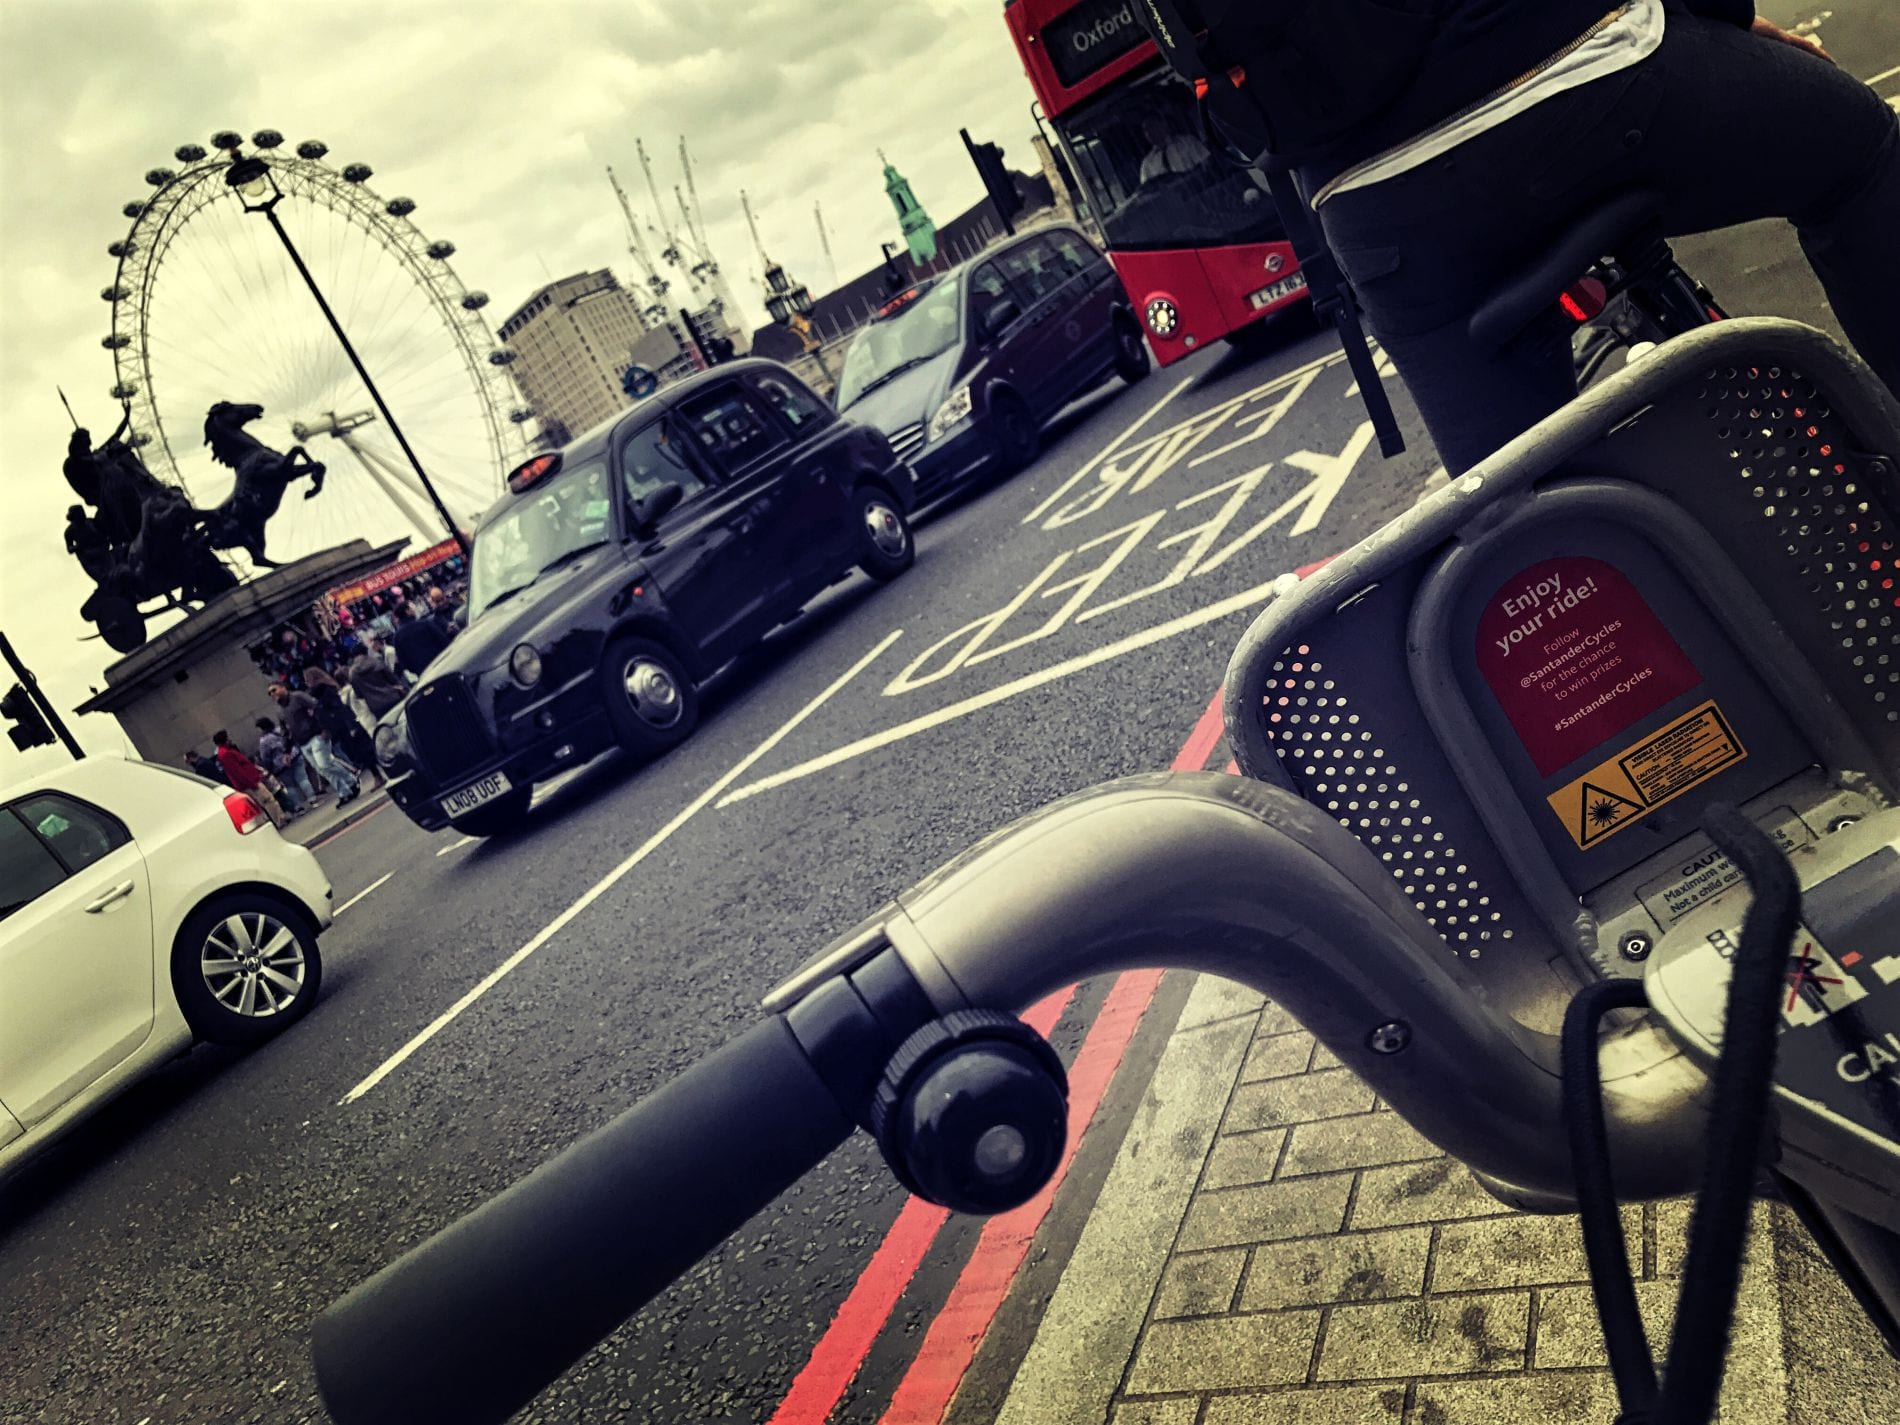 fahrrad-ausleihen-london-london-eye